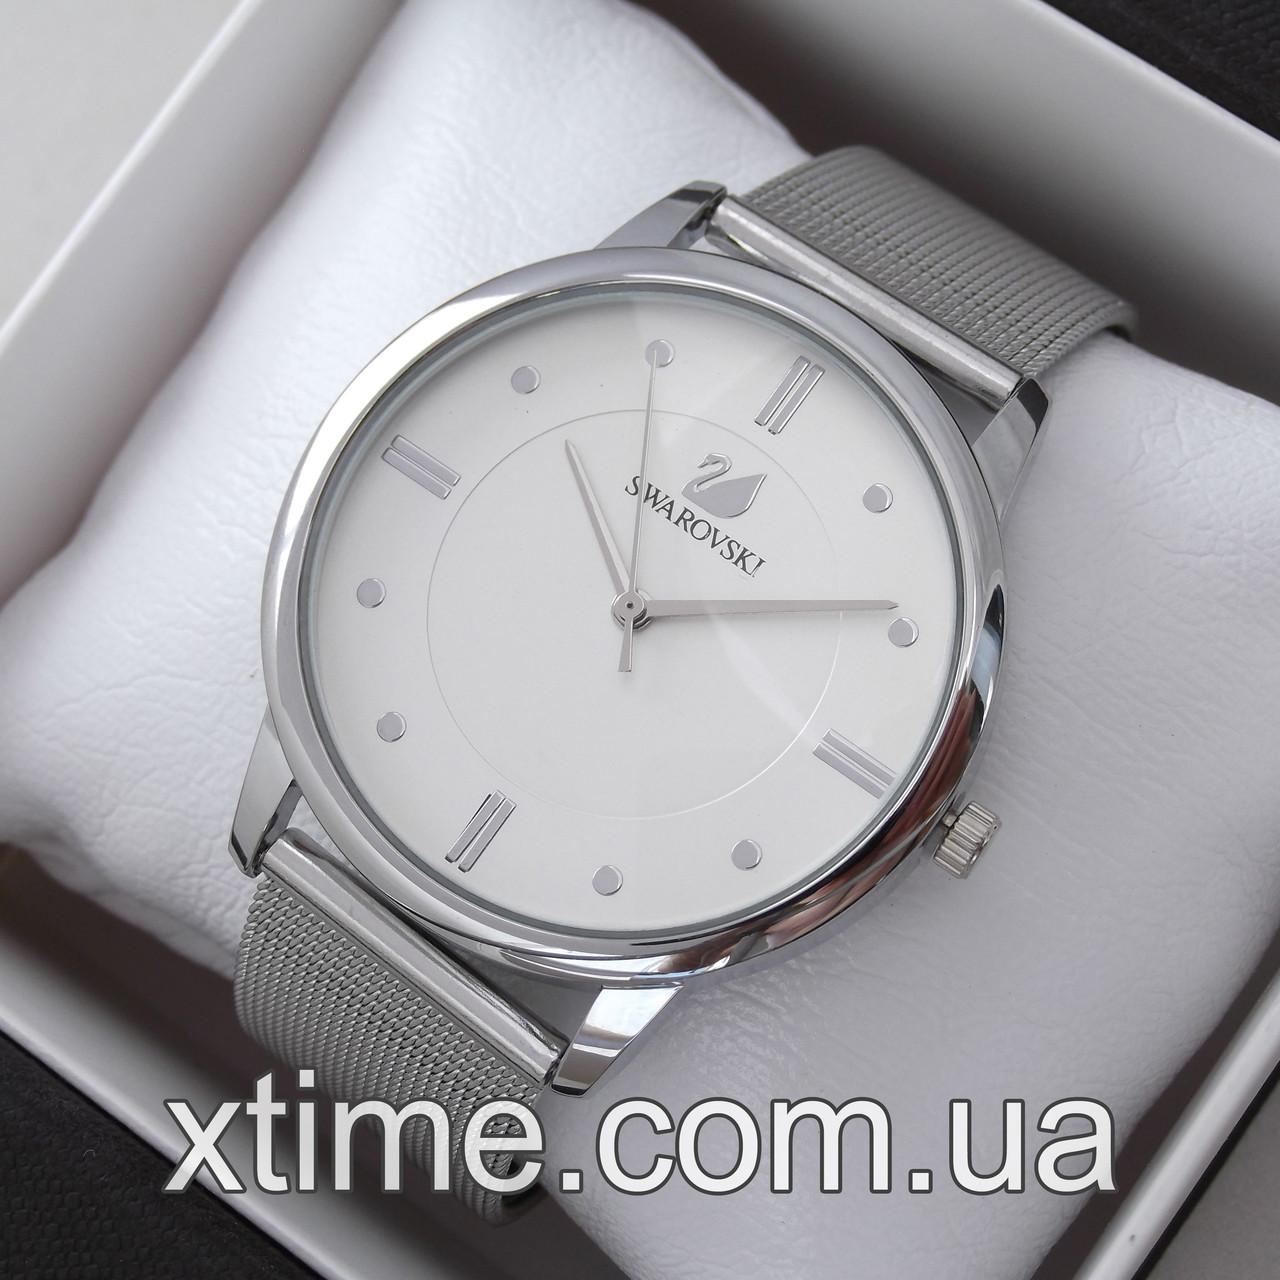 e50eb6b0 Женские наручные часы Swarovski A124 - Интернет-магазин X-Time в Харькове